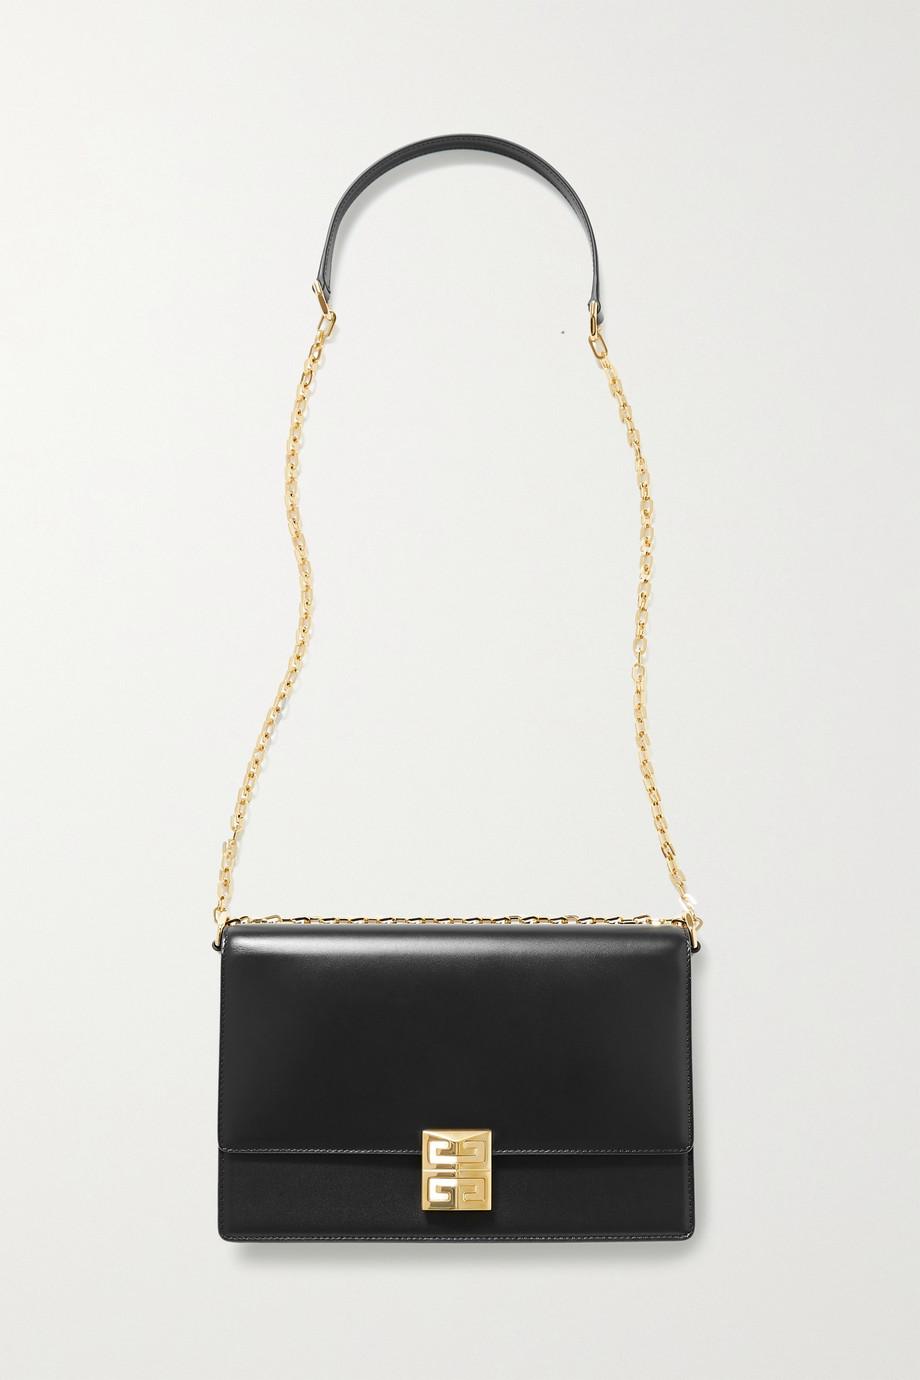 Givenchy Sac porté épaule en cuir Small